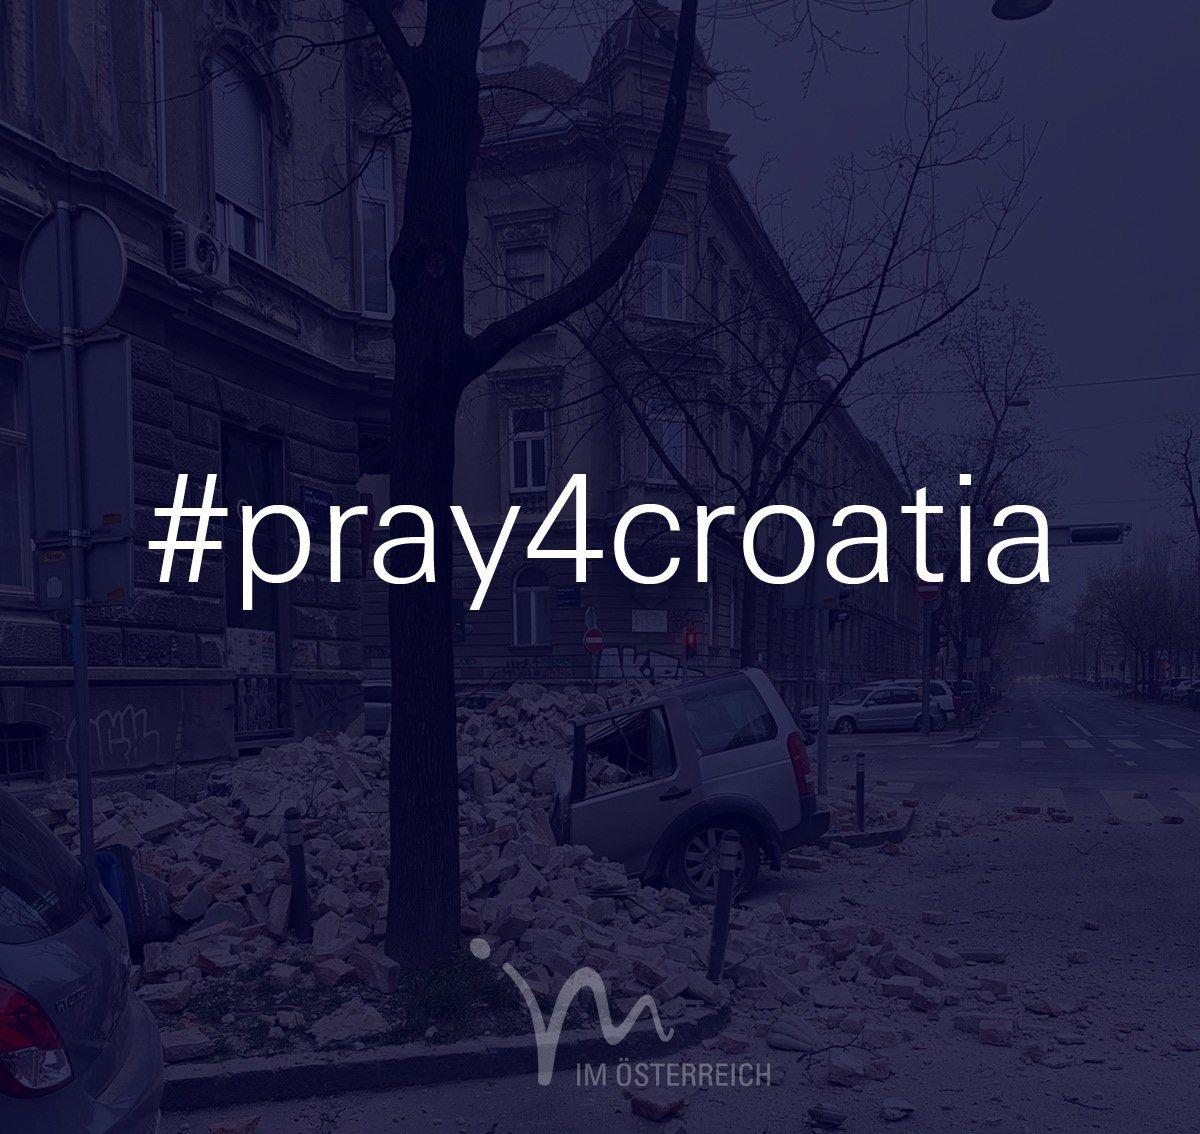 Erdbeben In Kroatien Beten Wir Fur Die Betroffenen Menschen Und Einsatzkrafte In Kroatien Pray4croatia Pray4zagreb Pray4corona Gebet Glaube Christlich